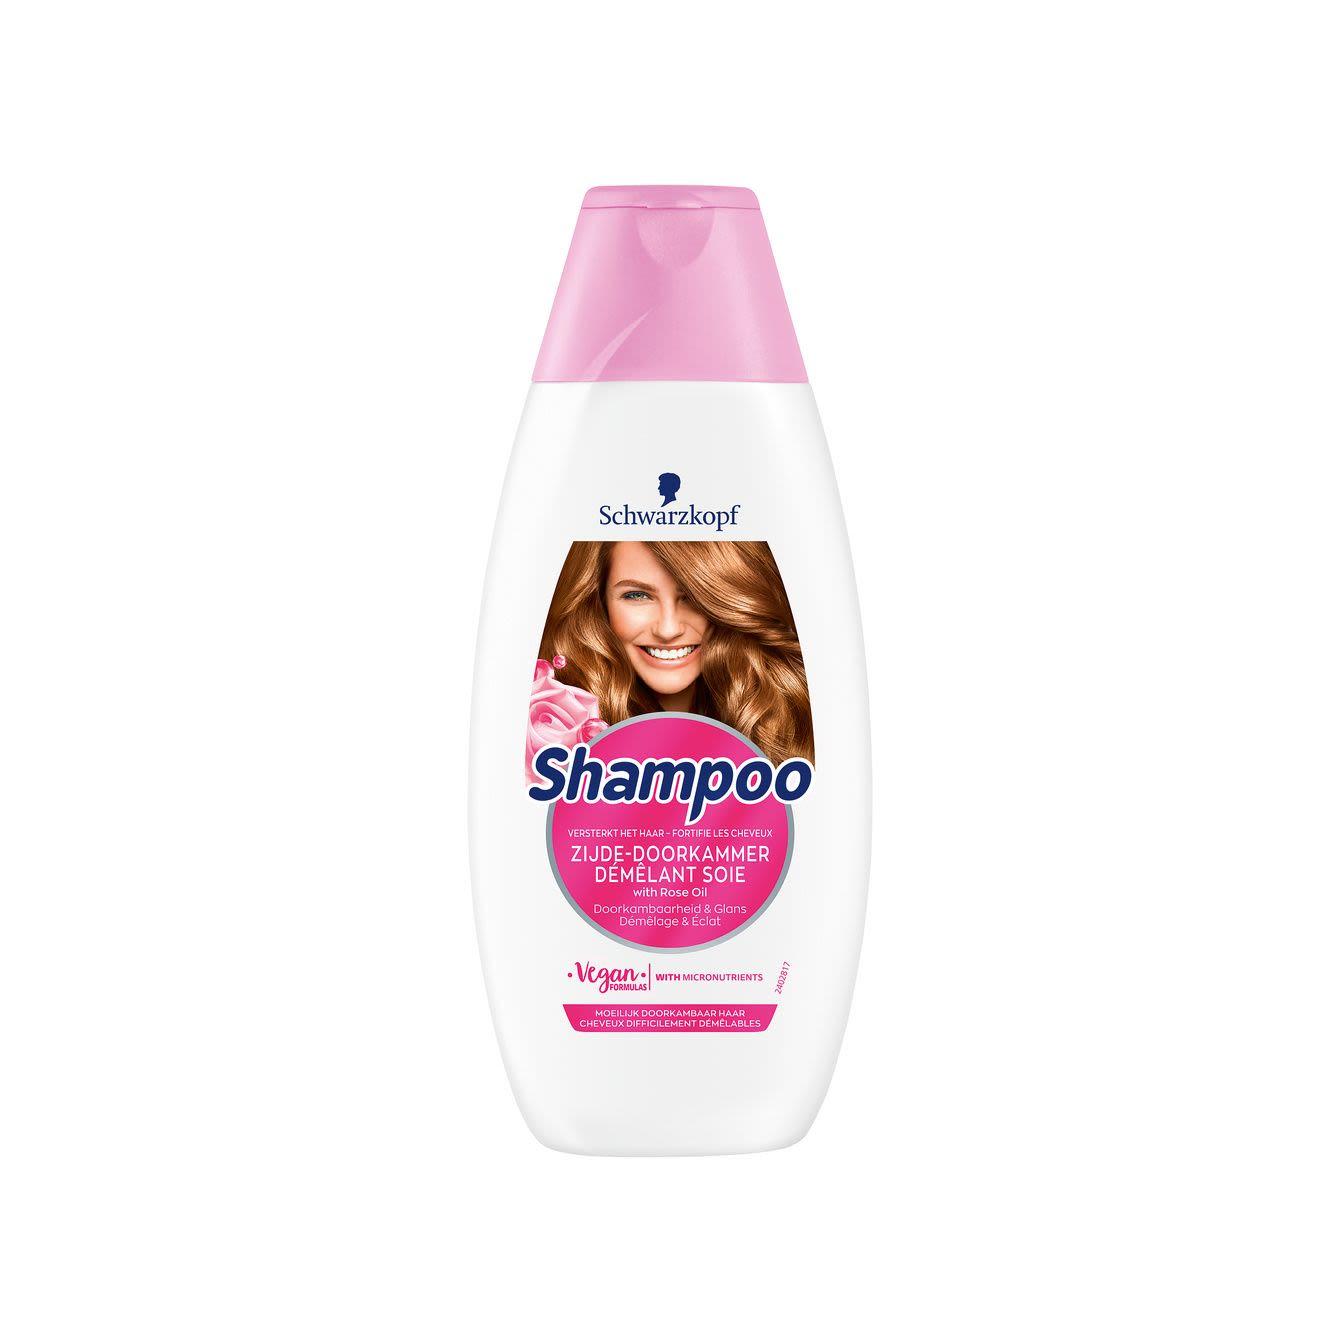 Schwarzkopf Shampoo Zijde Doorkambaar